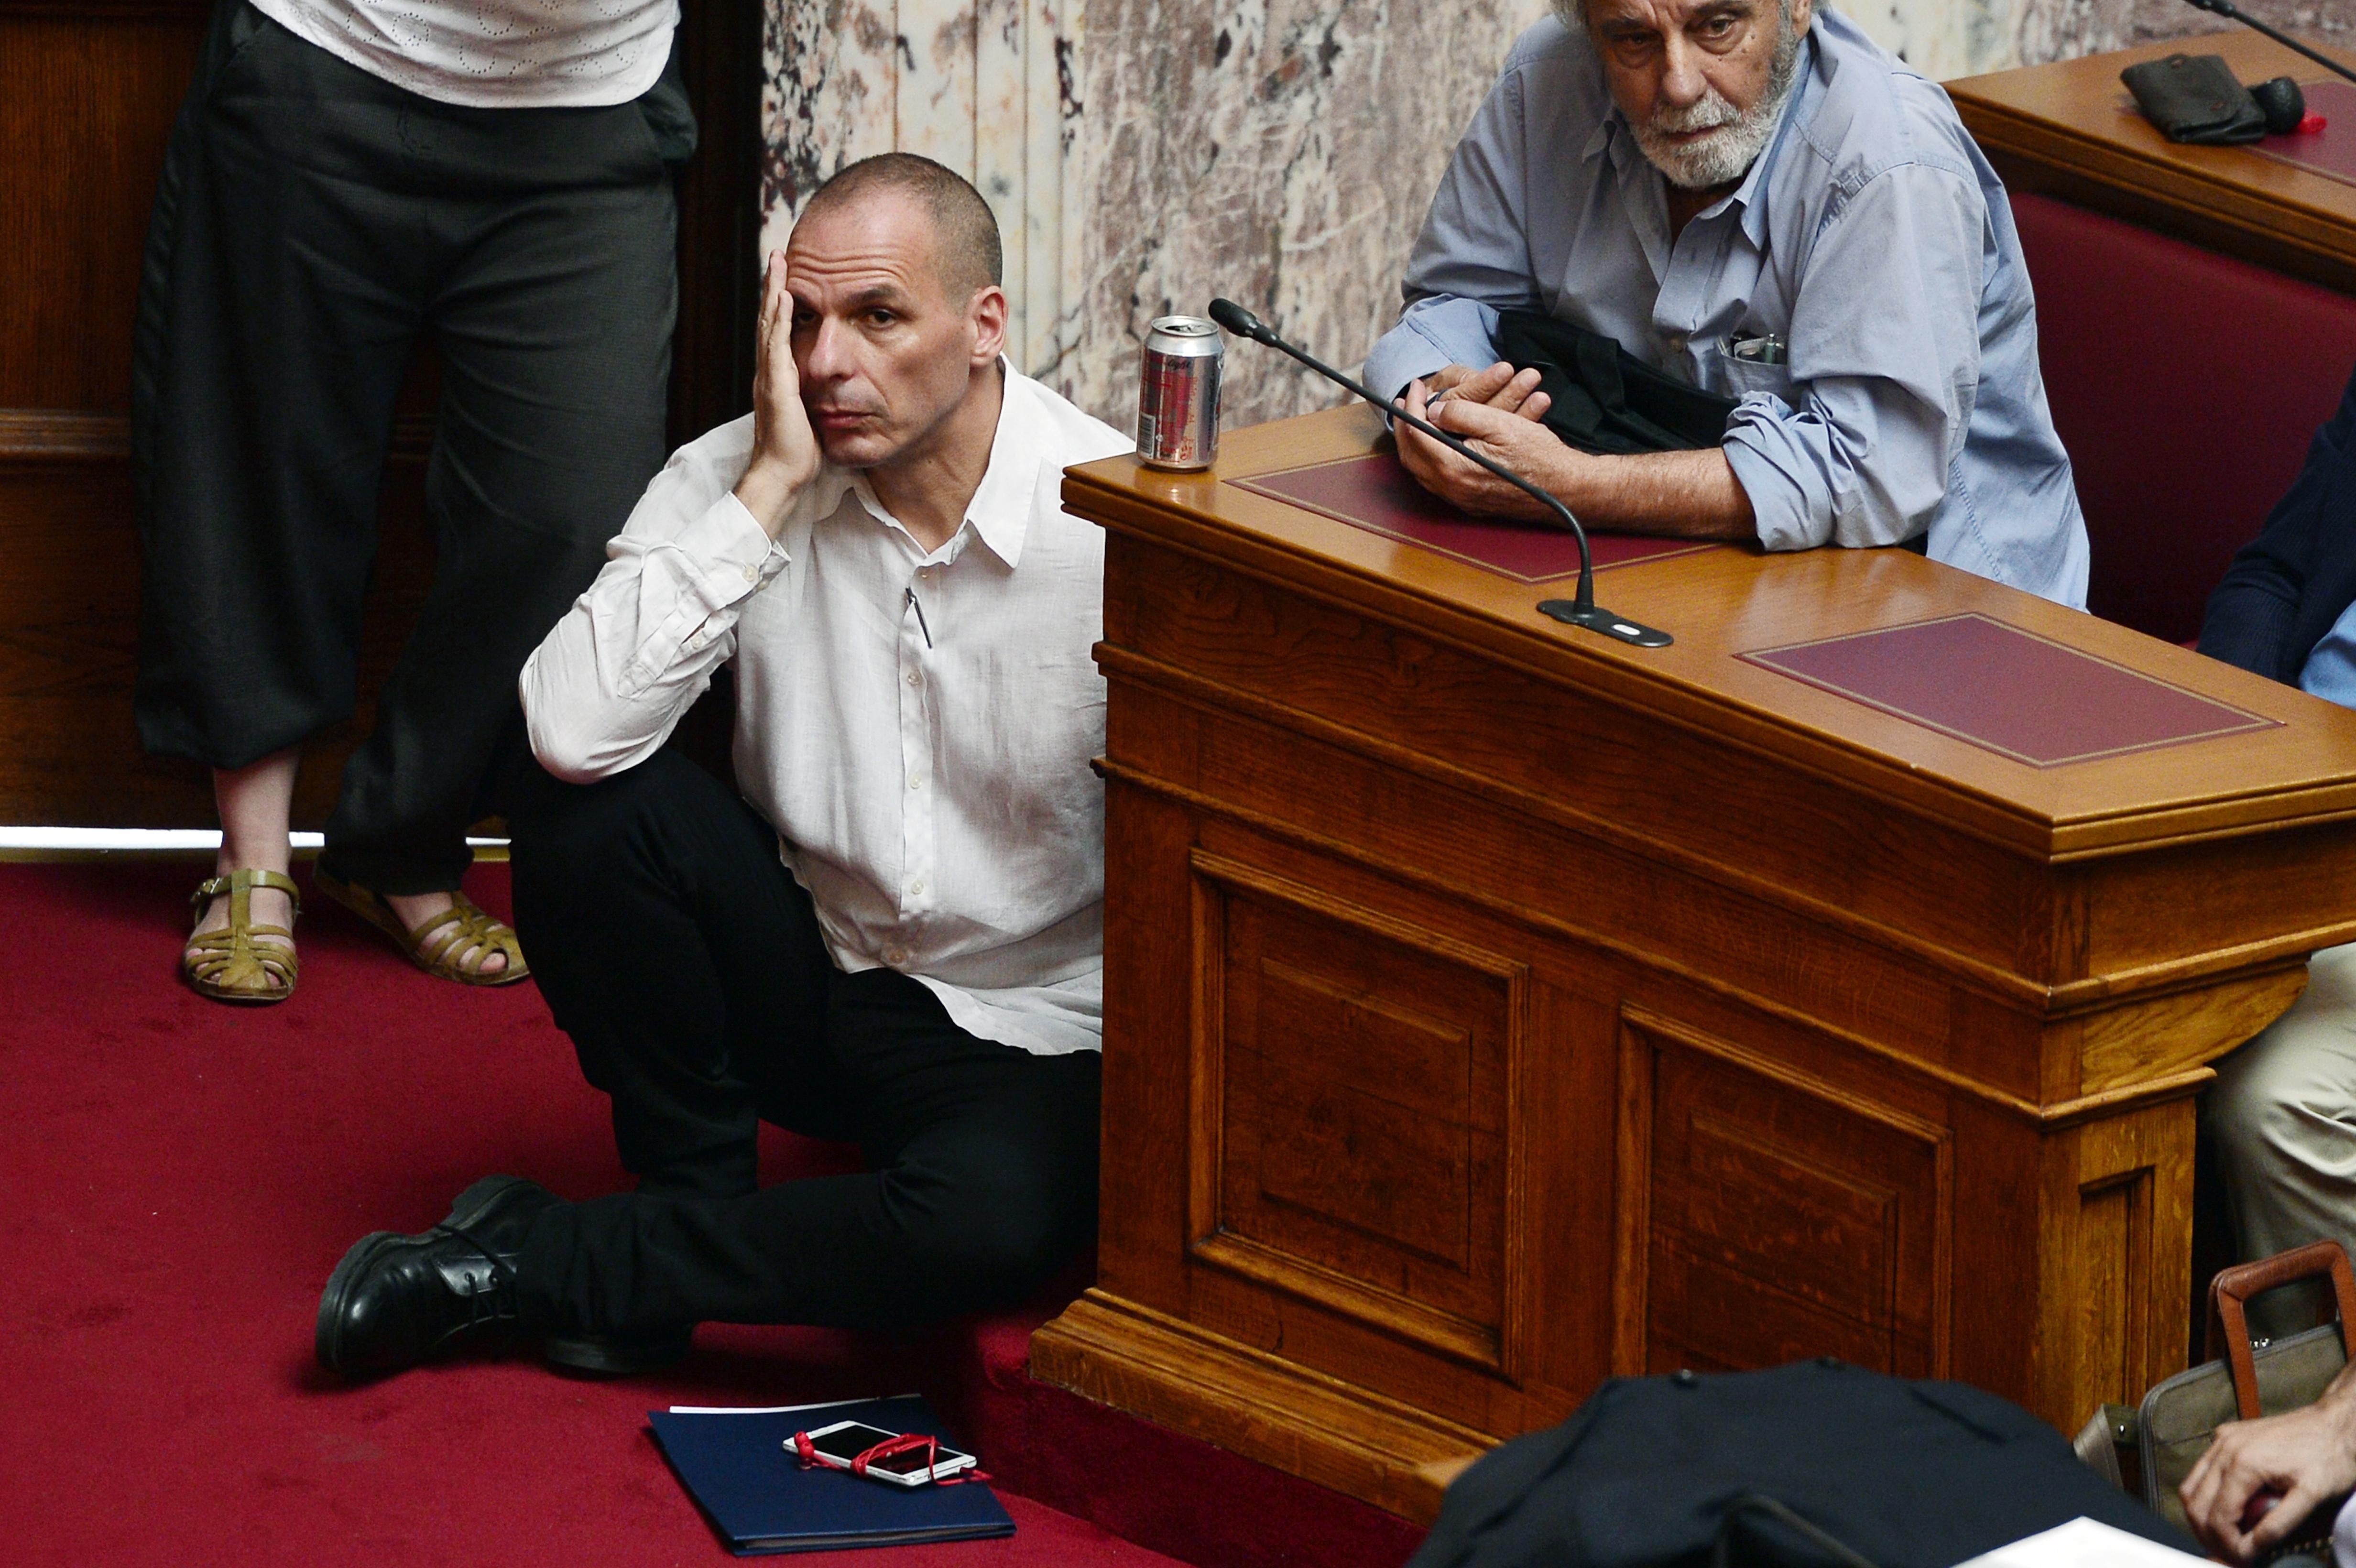 يخوض وزير المالية اليوناني يانيس فاروفاكيس مواجهة ضد صندوق النقد الدولي والاتحاد الأوروبي من أجل تخفيف أعباء الديون